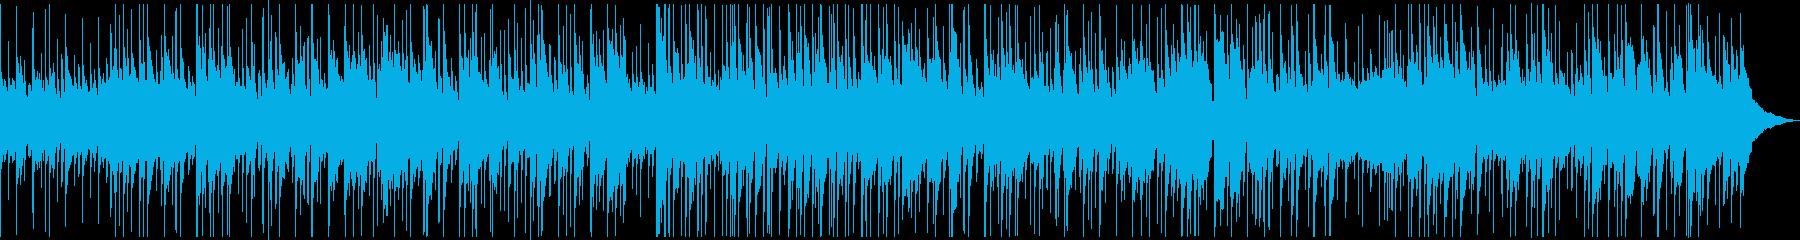 ゆったりしたピアノのジャズバラードの再生済みの波形